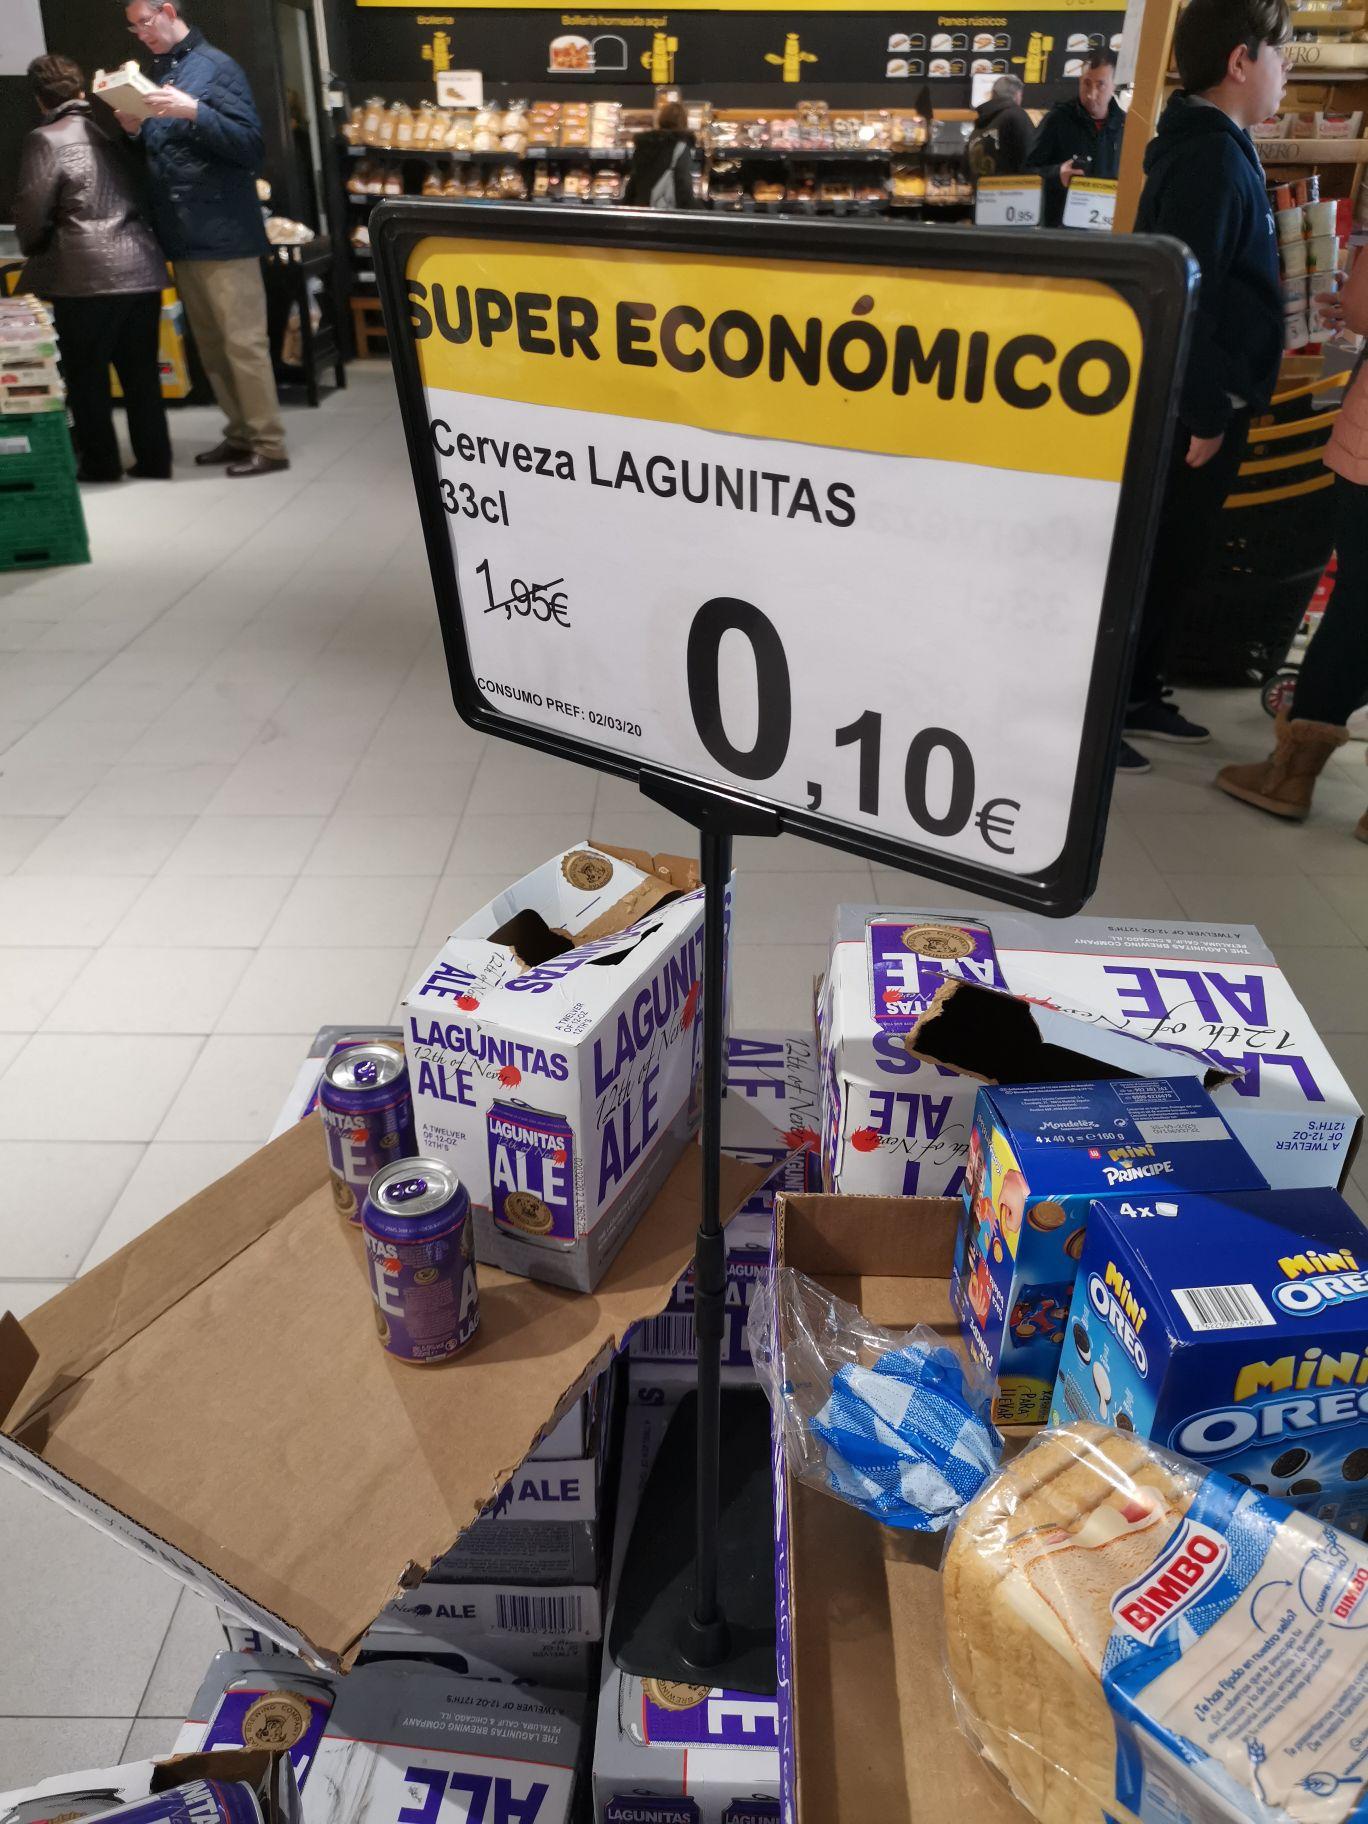 Cerveza lagunitas Supeco Parla